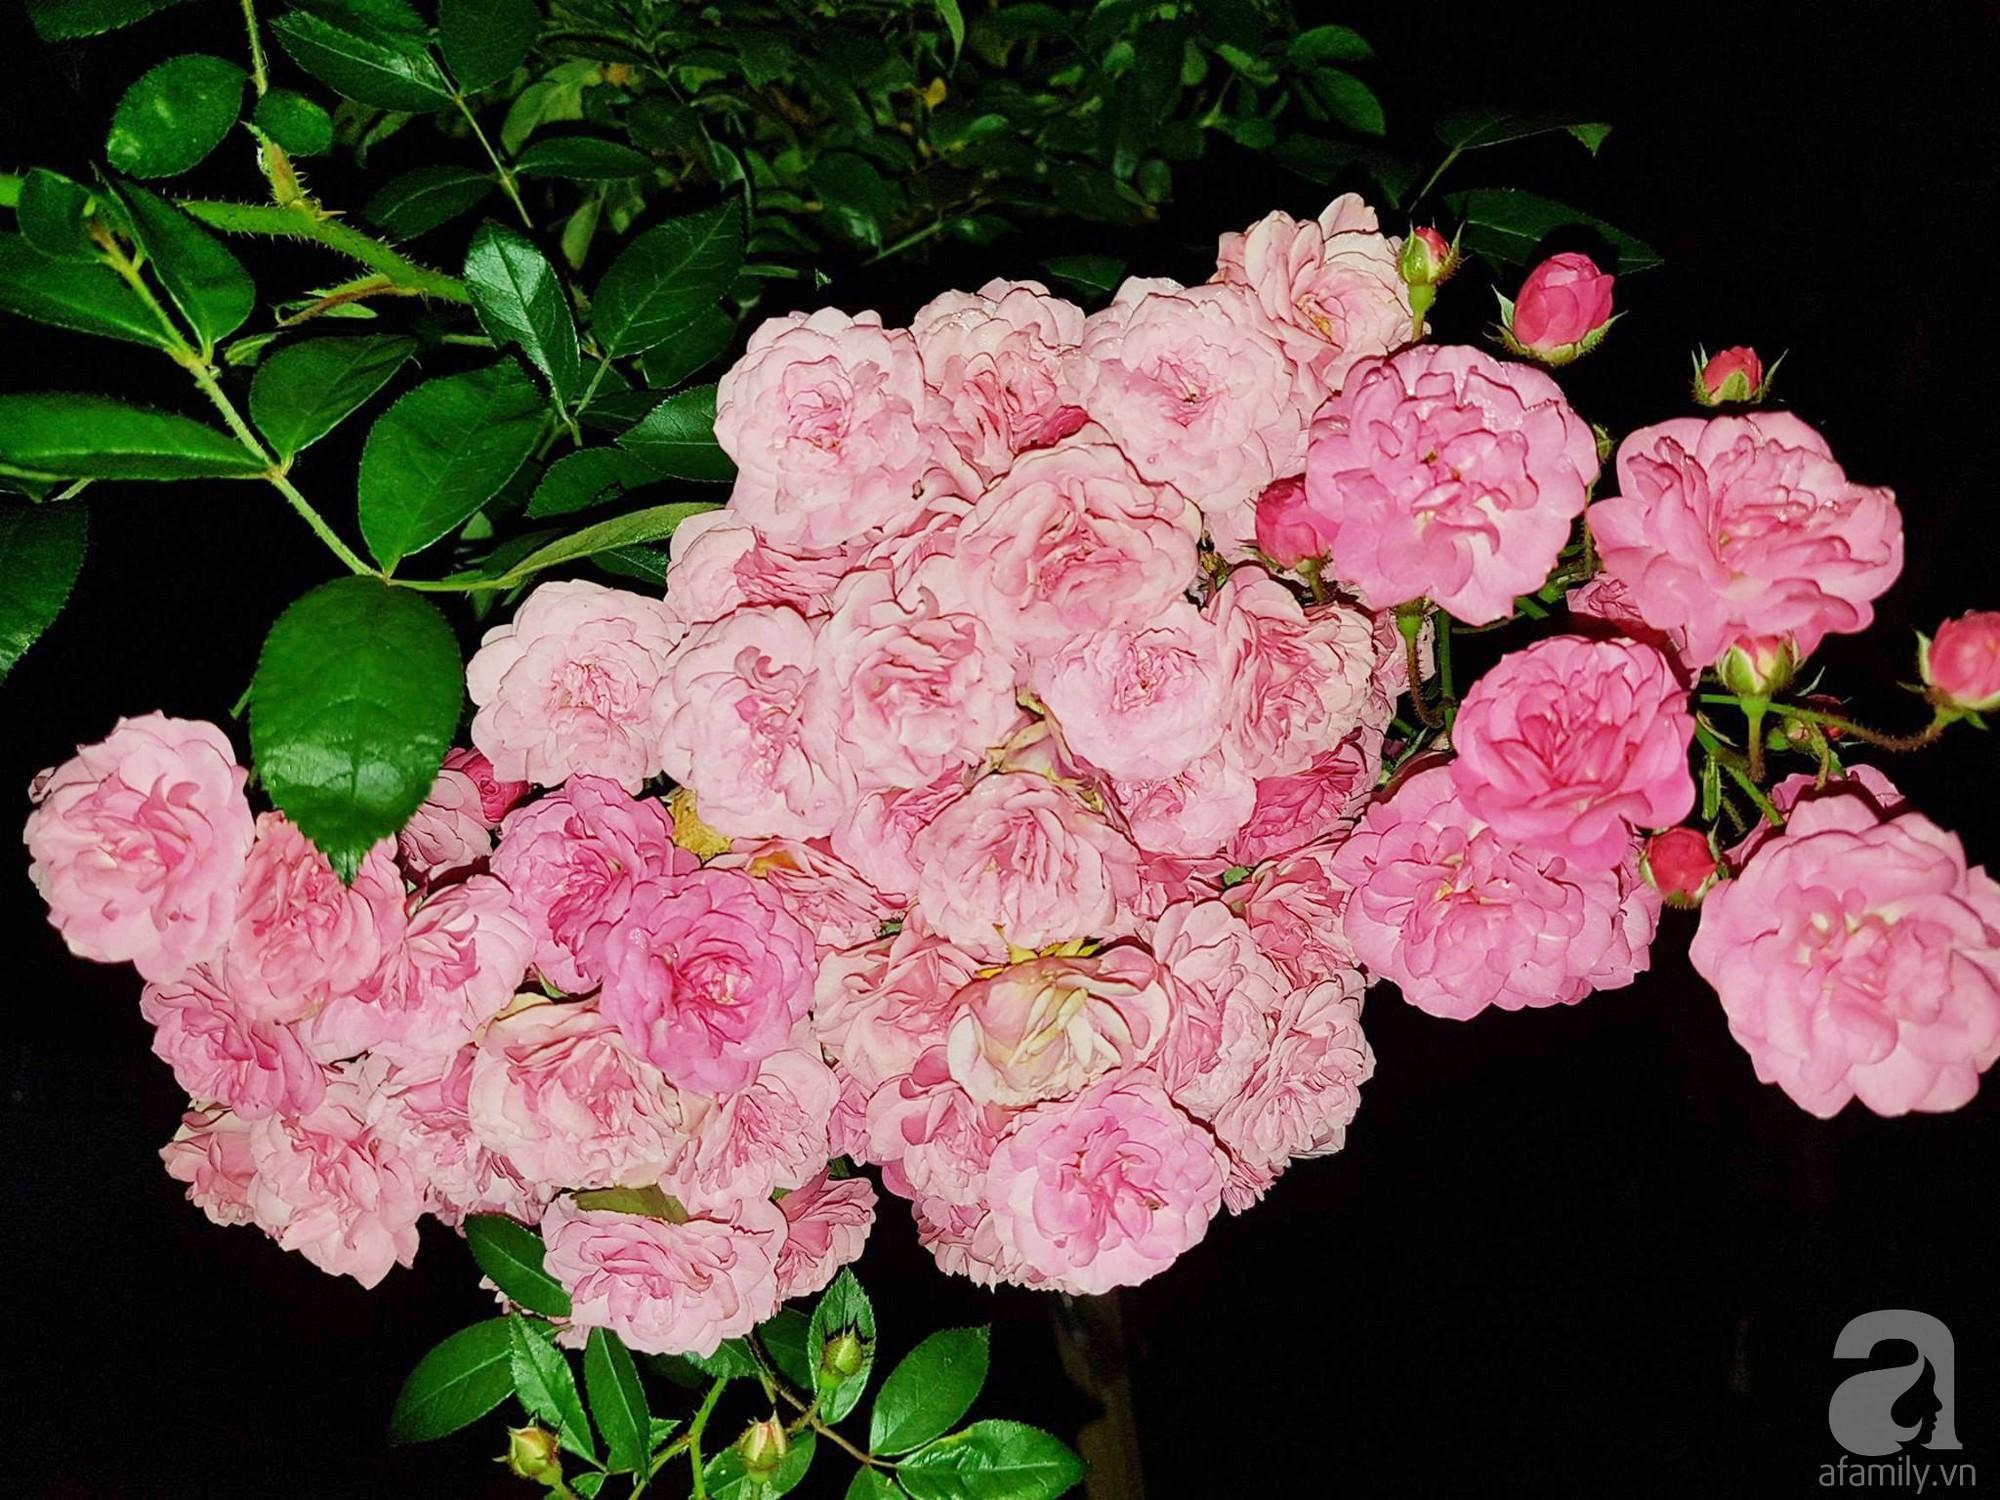 Người bố trồng cả vườn hồng đẹp như mơ để dành tặng con gái yêu ở Đà Lạt - Ảnh 20.